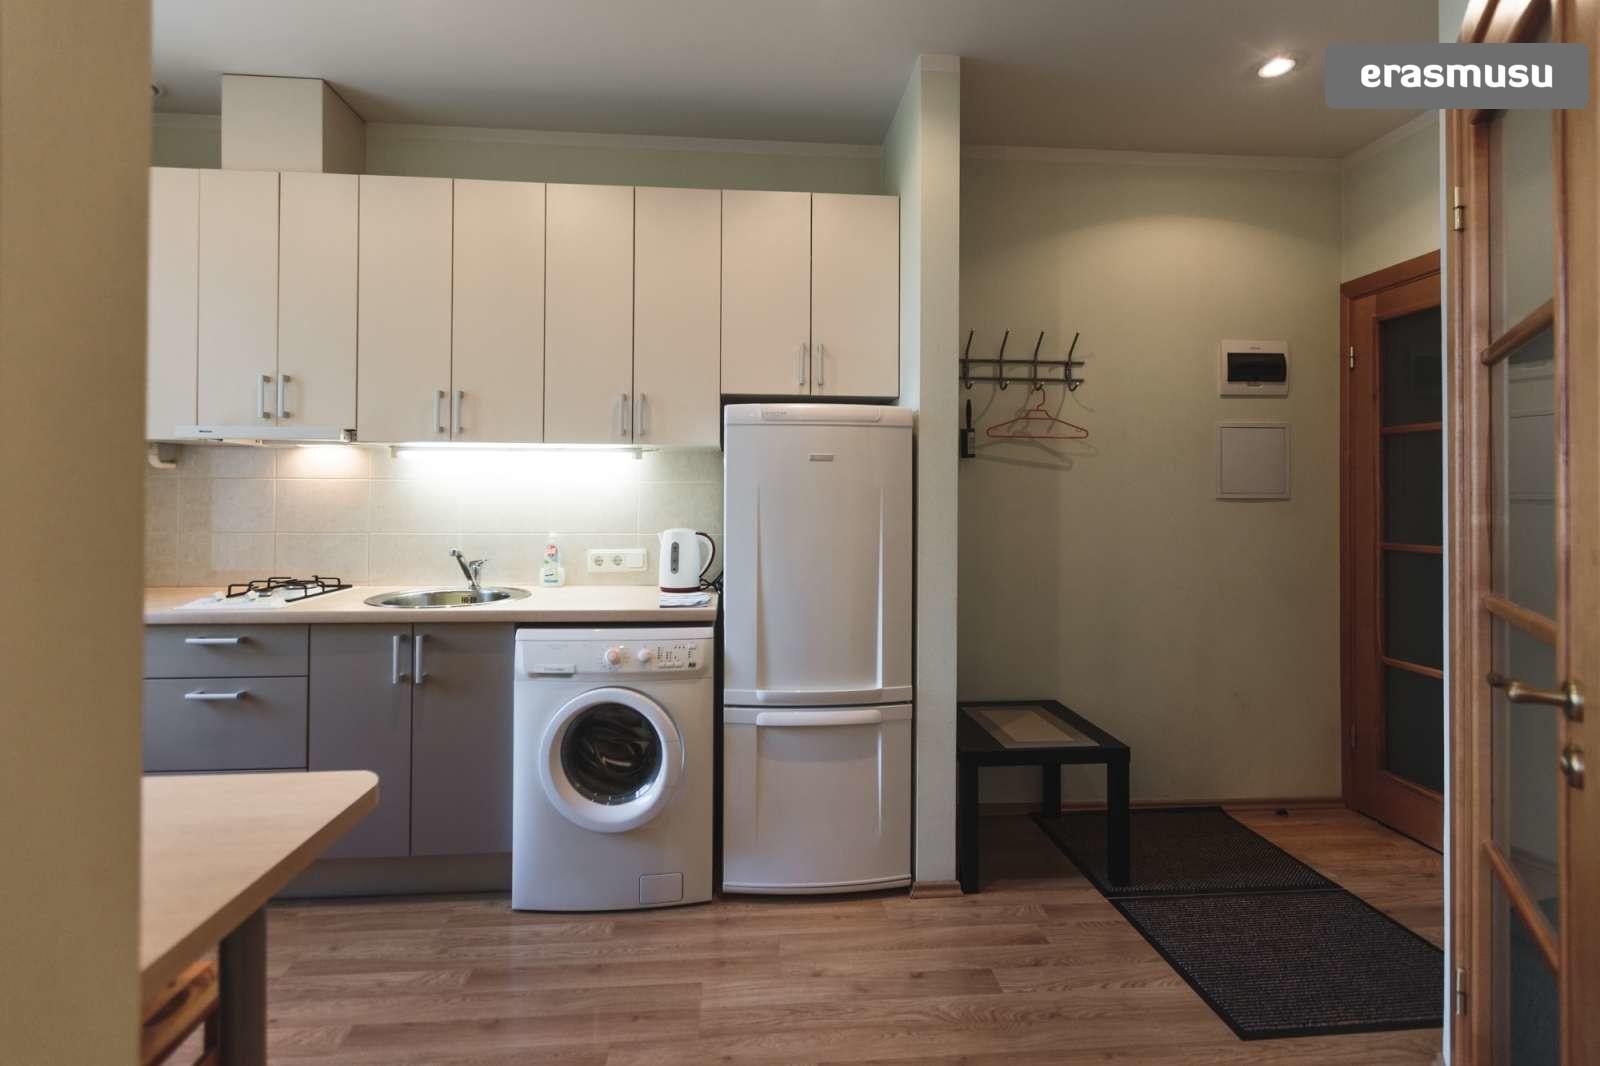 cozy-studio-apartment-rent-petersala-andrejsala-2c42798e4c2bde72